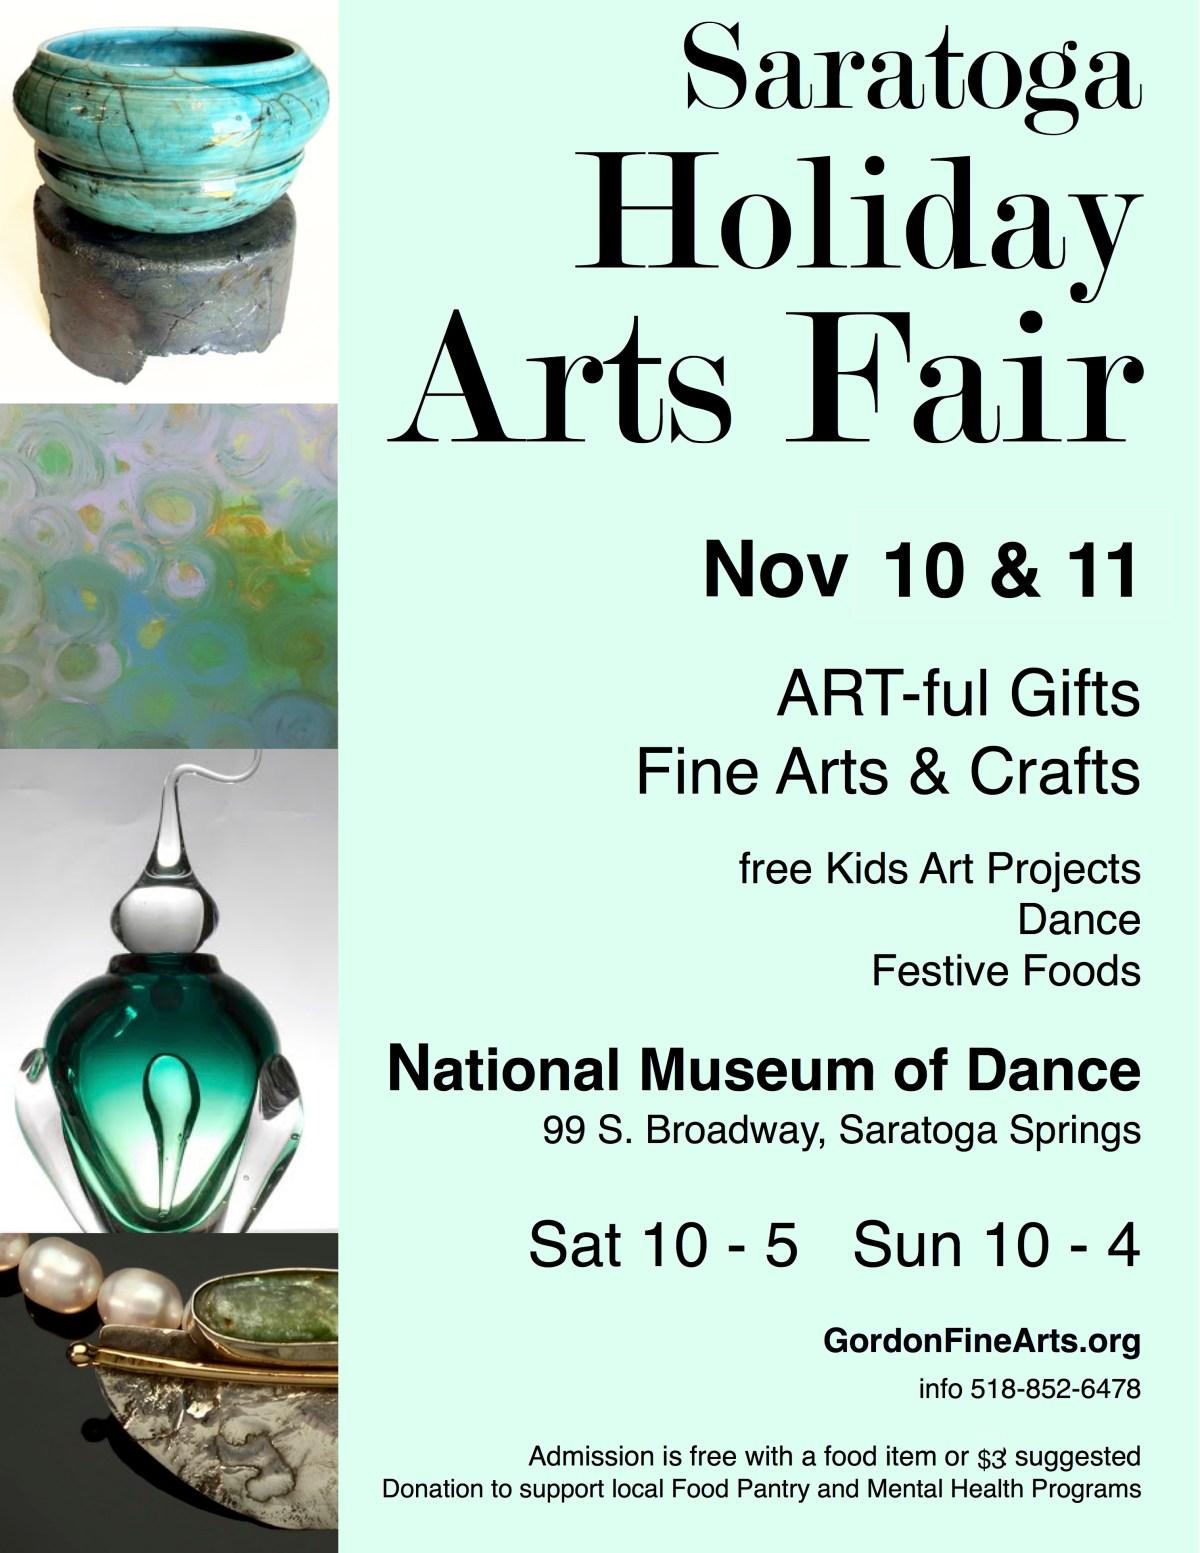 Saratoga Holiday Arts Fair